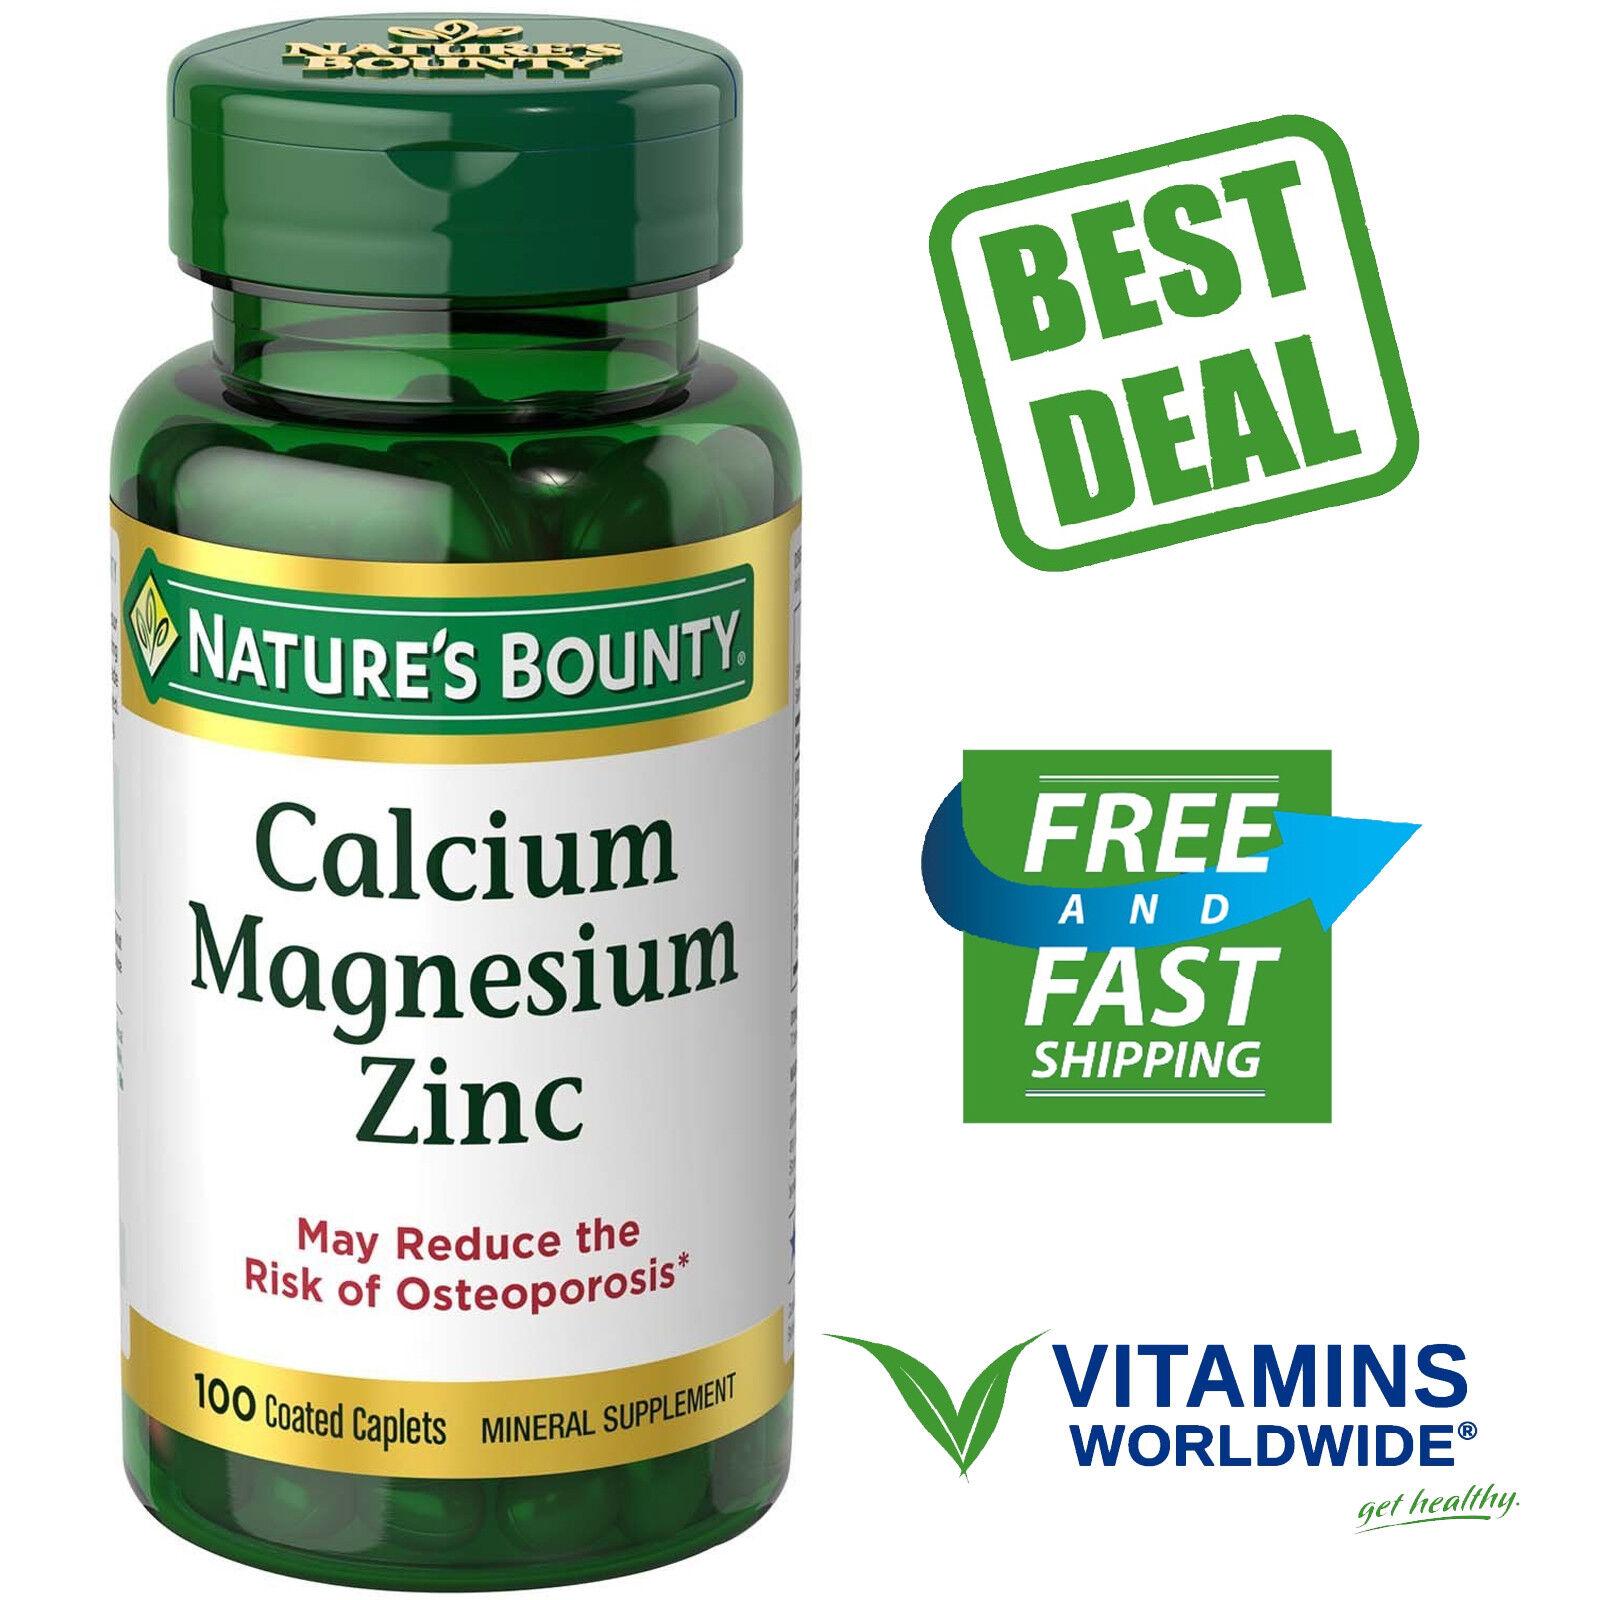 Lot of 3 Nature's Bounty Calcium Magnesium Zinc 100 Caplets